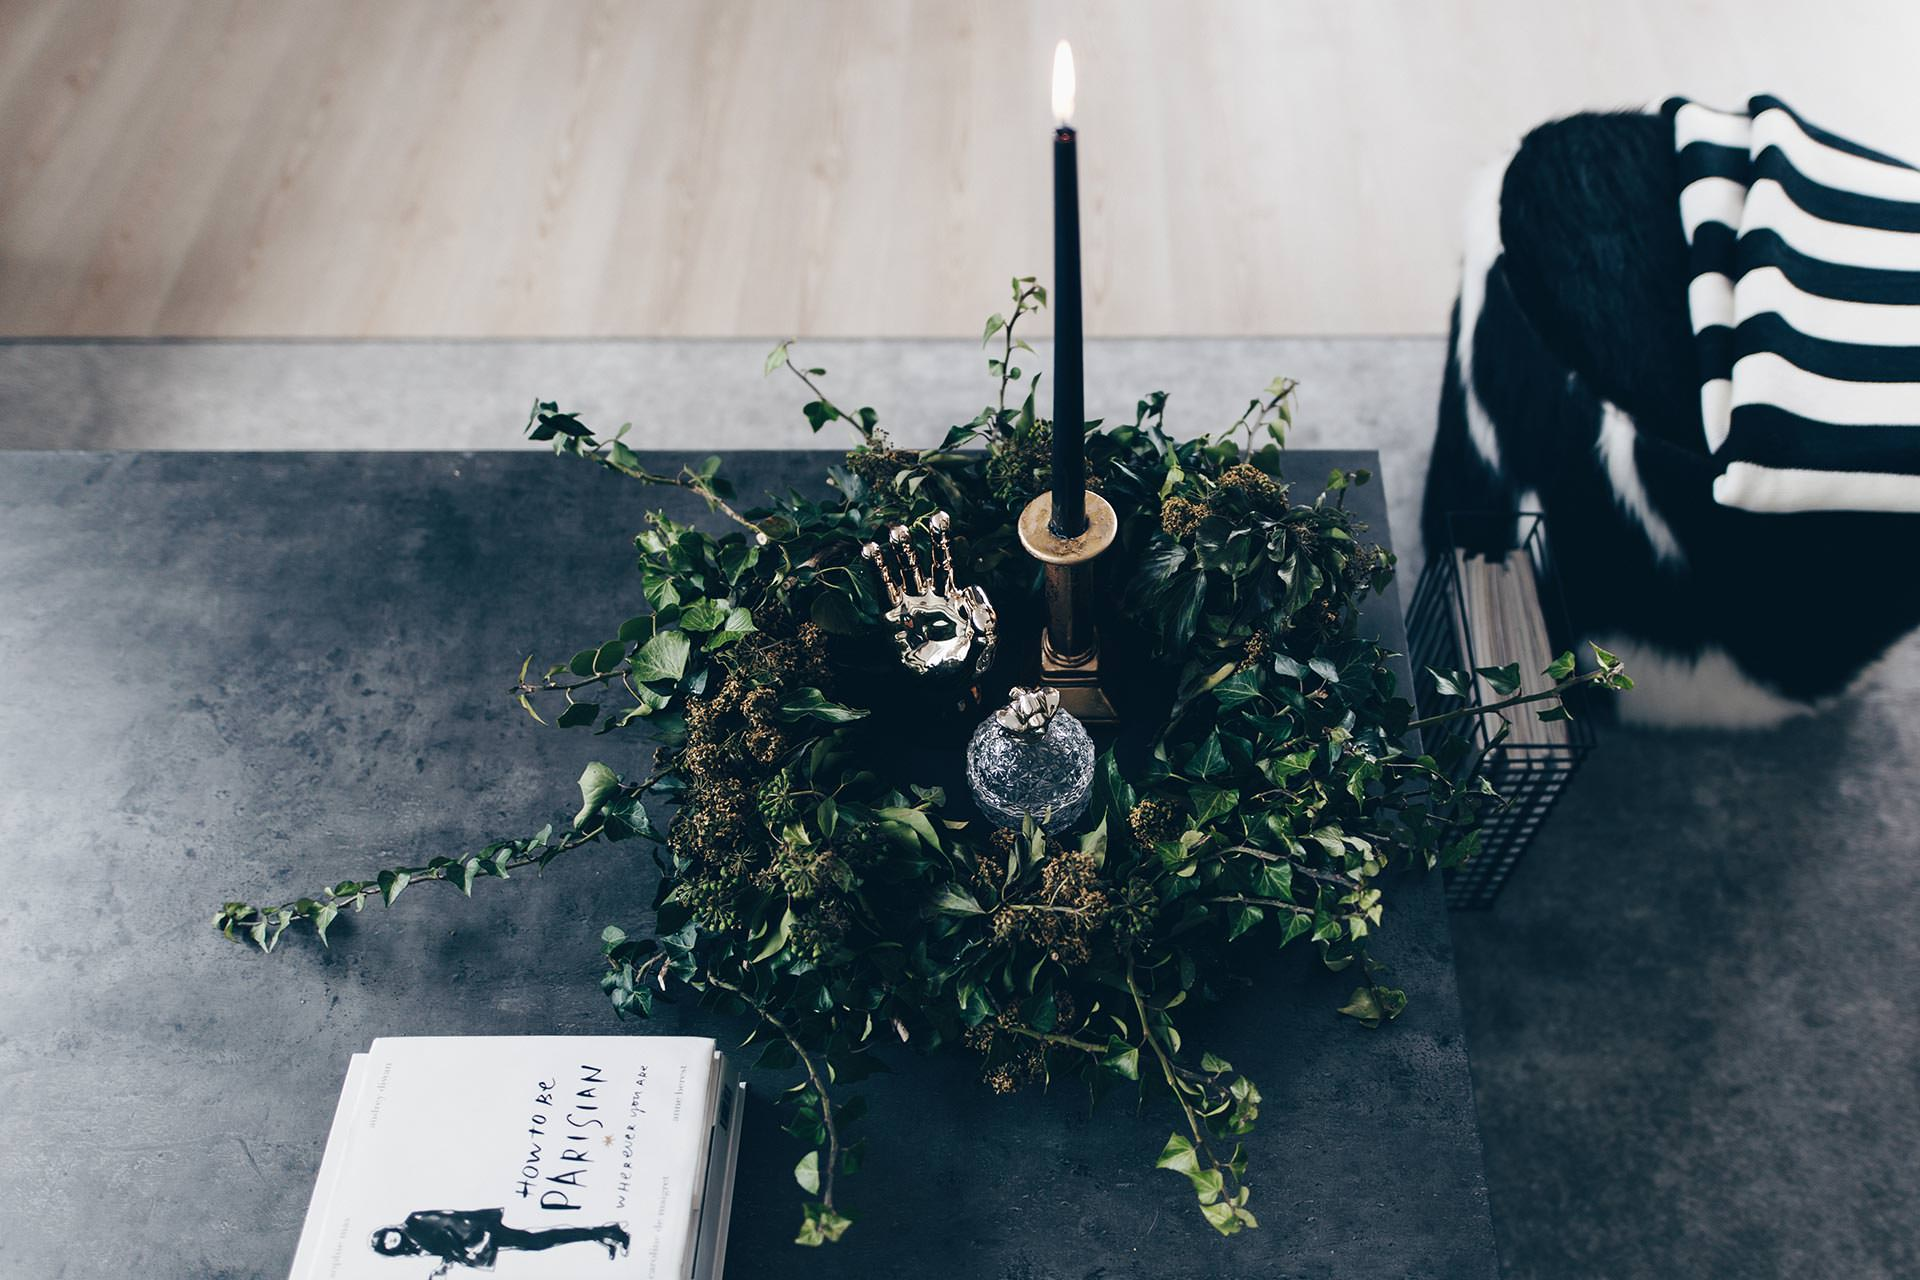 Coffee Table Deko Idee, Efeukranz selber binden und machen, Anleitung, DIY, DIY für zuhause und für die Wohnung, Ideen für moderne und einfache Kränze, www.whoismocca.com